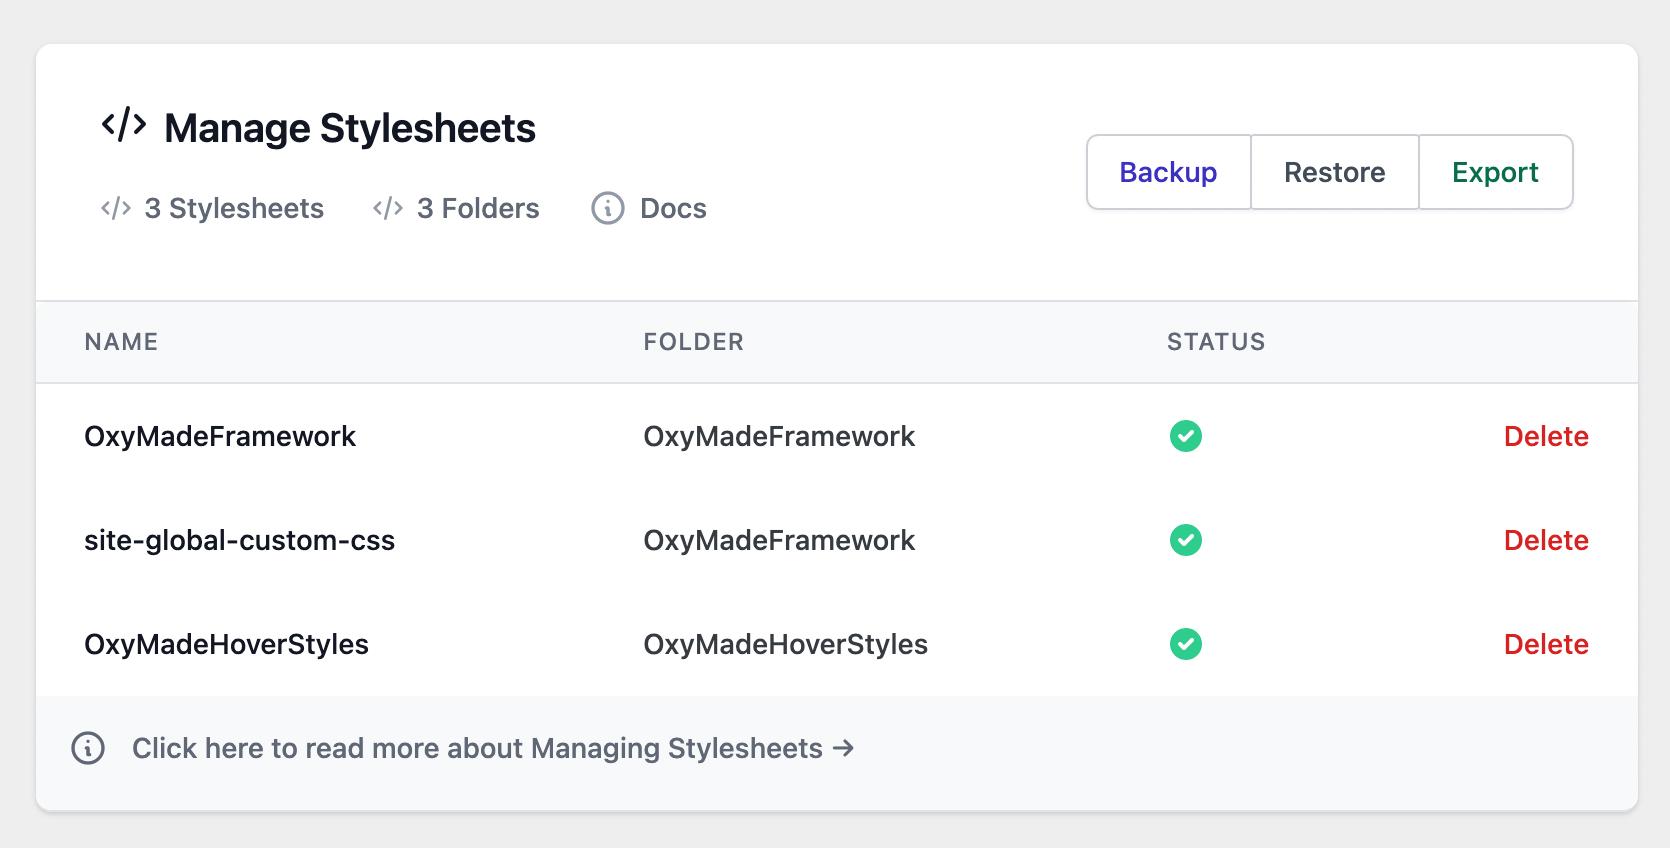 Manage stylesheets